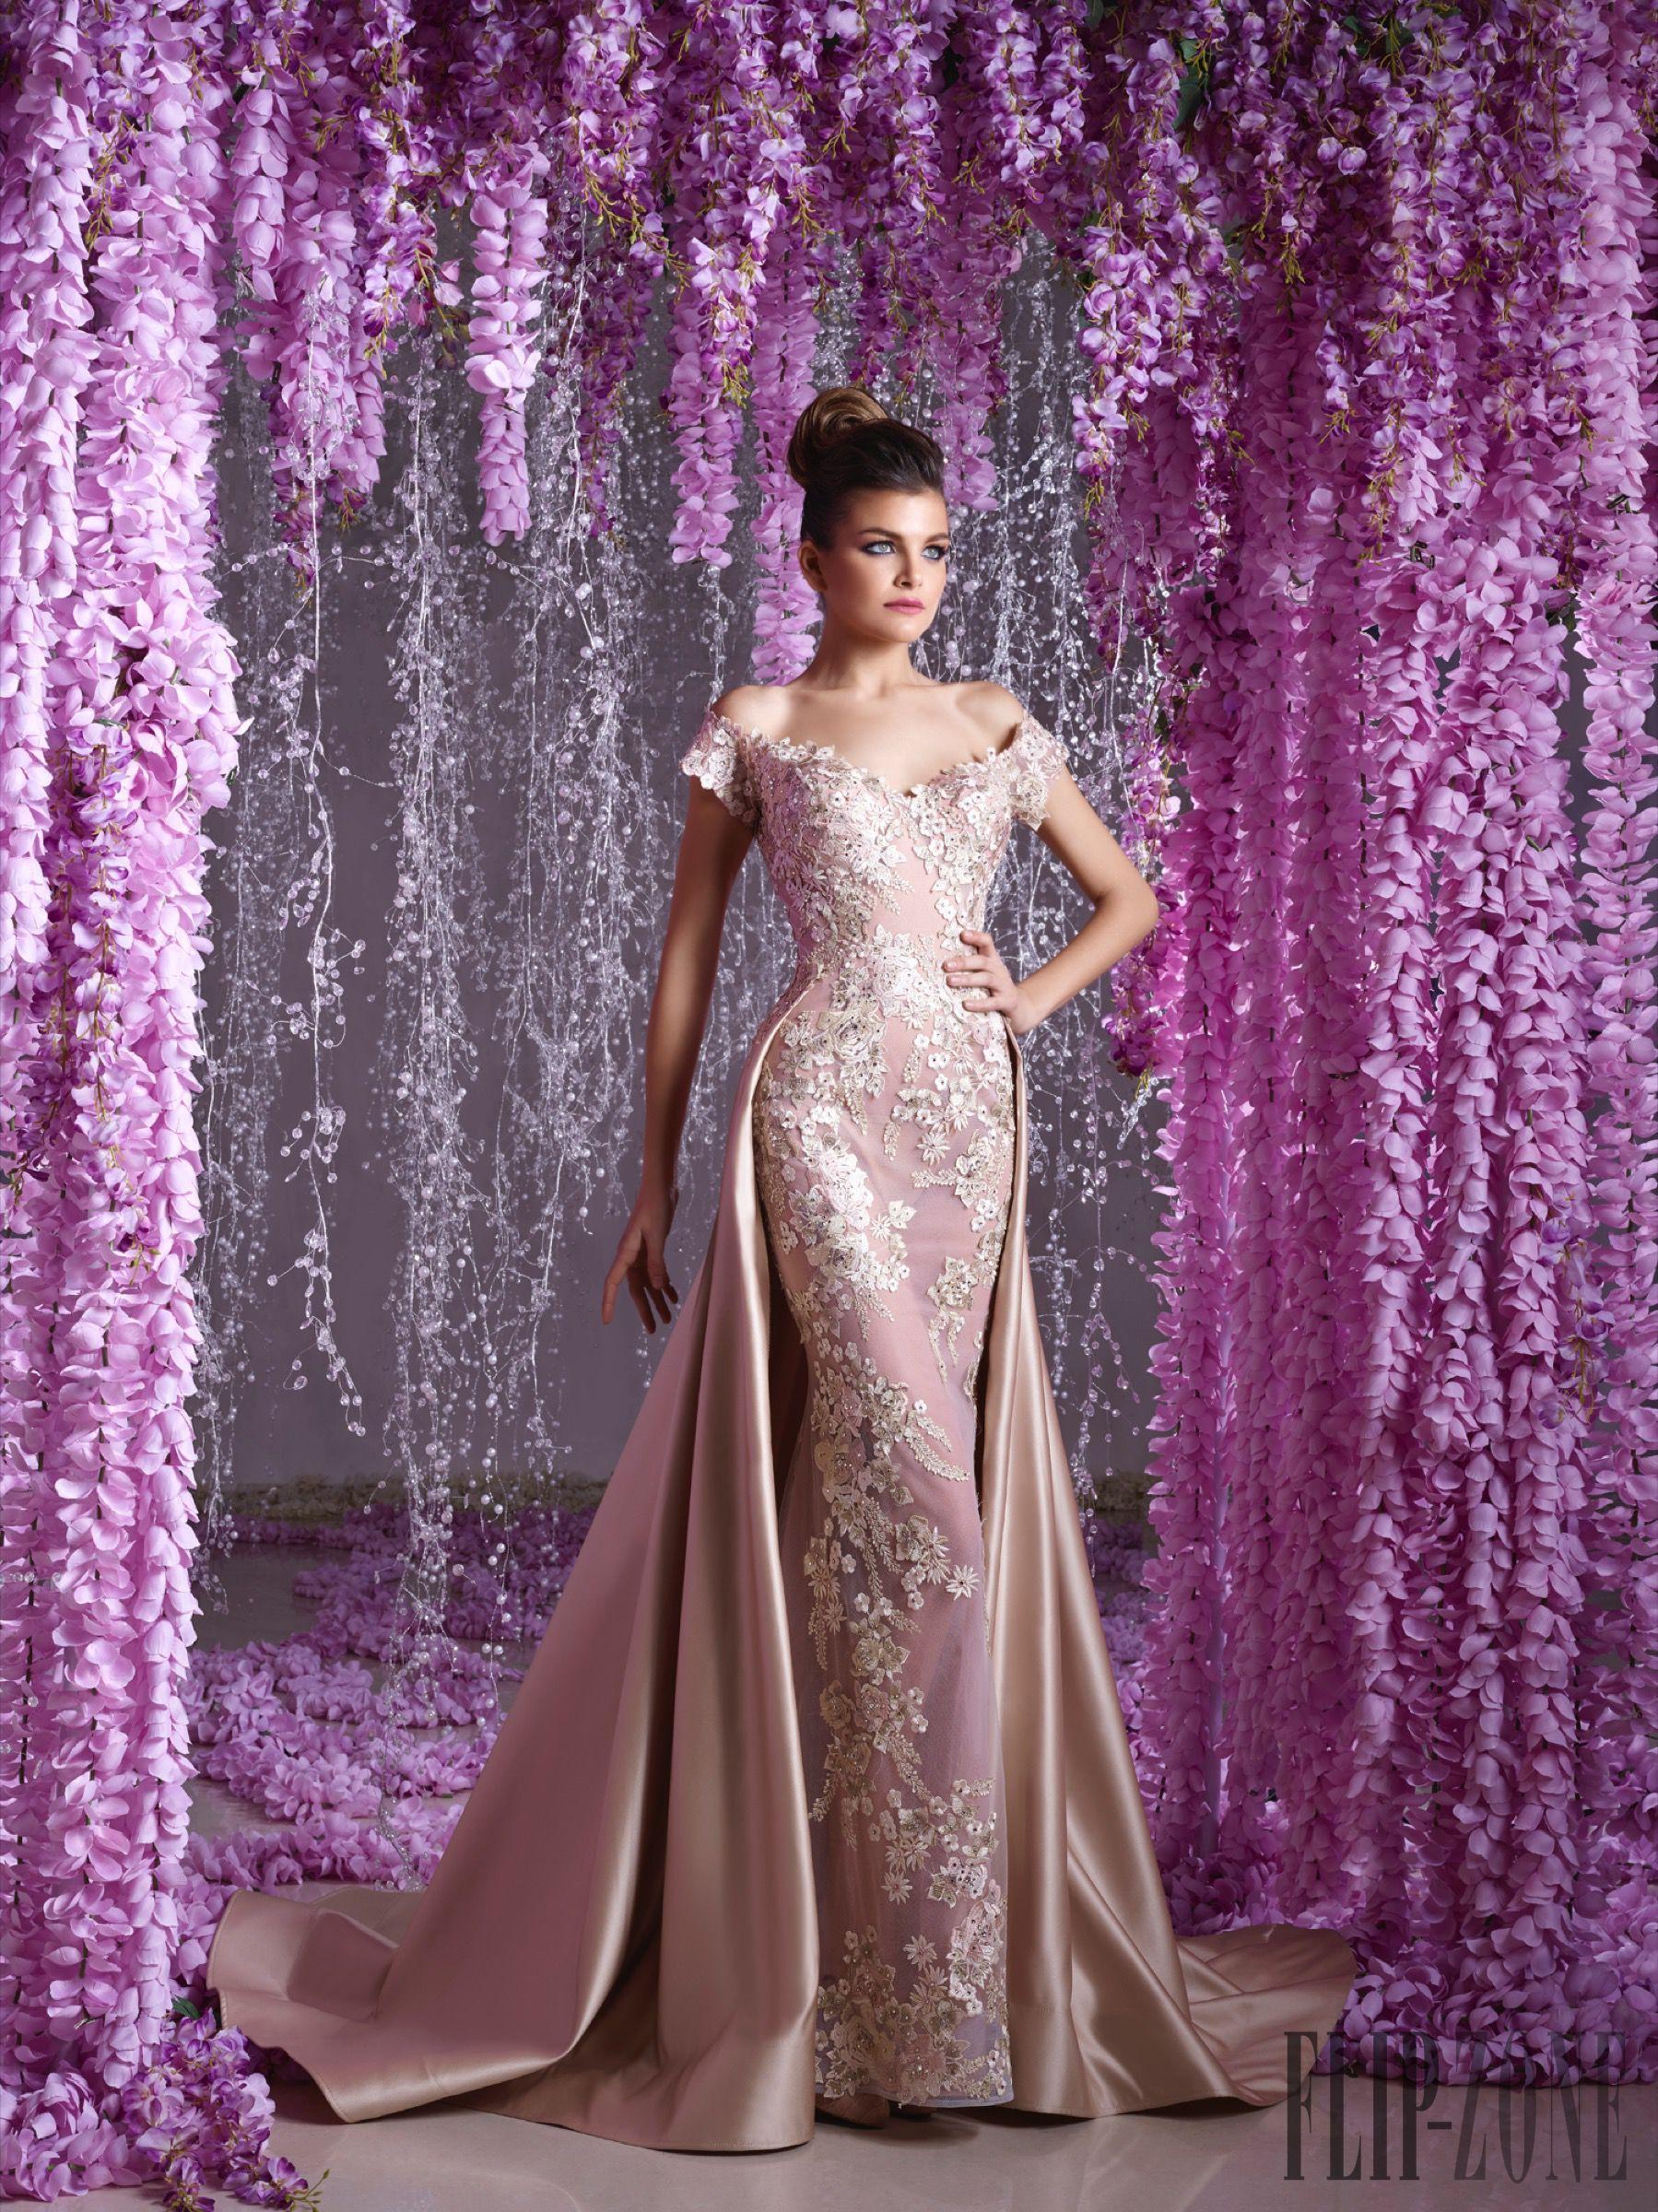 Toumajean couture Spring-summer 2016 - Couture | Vestiditos, Alta ...